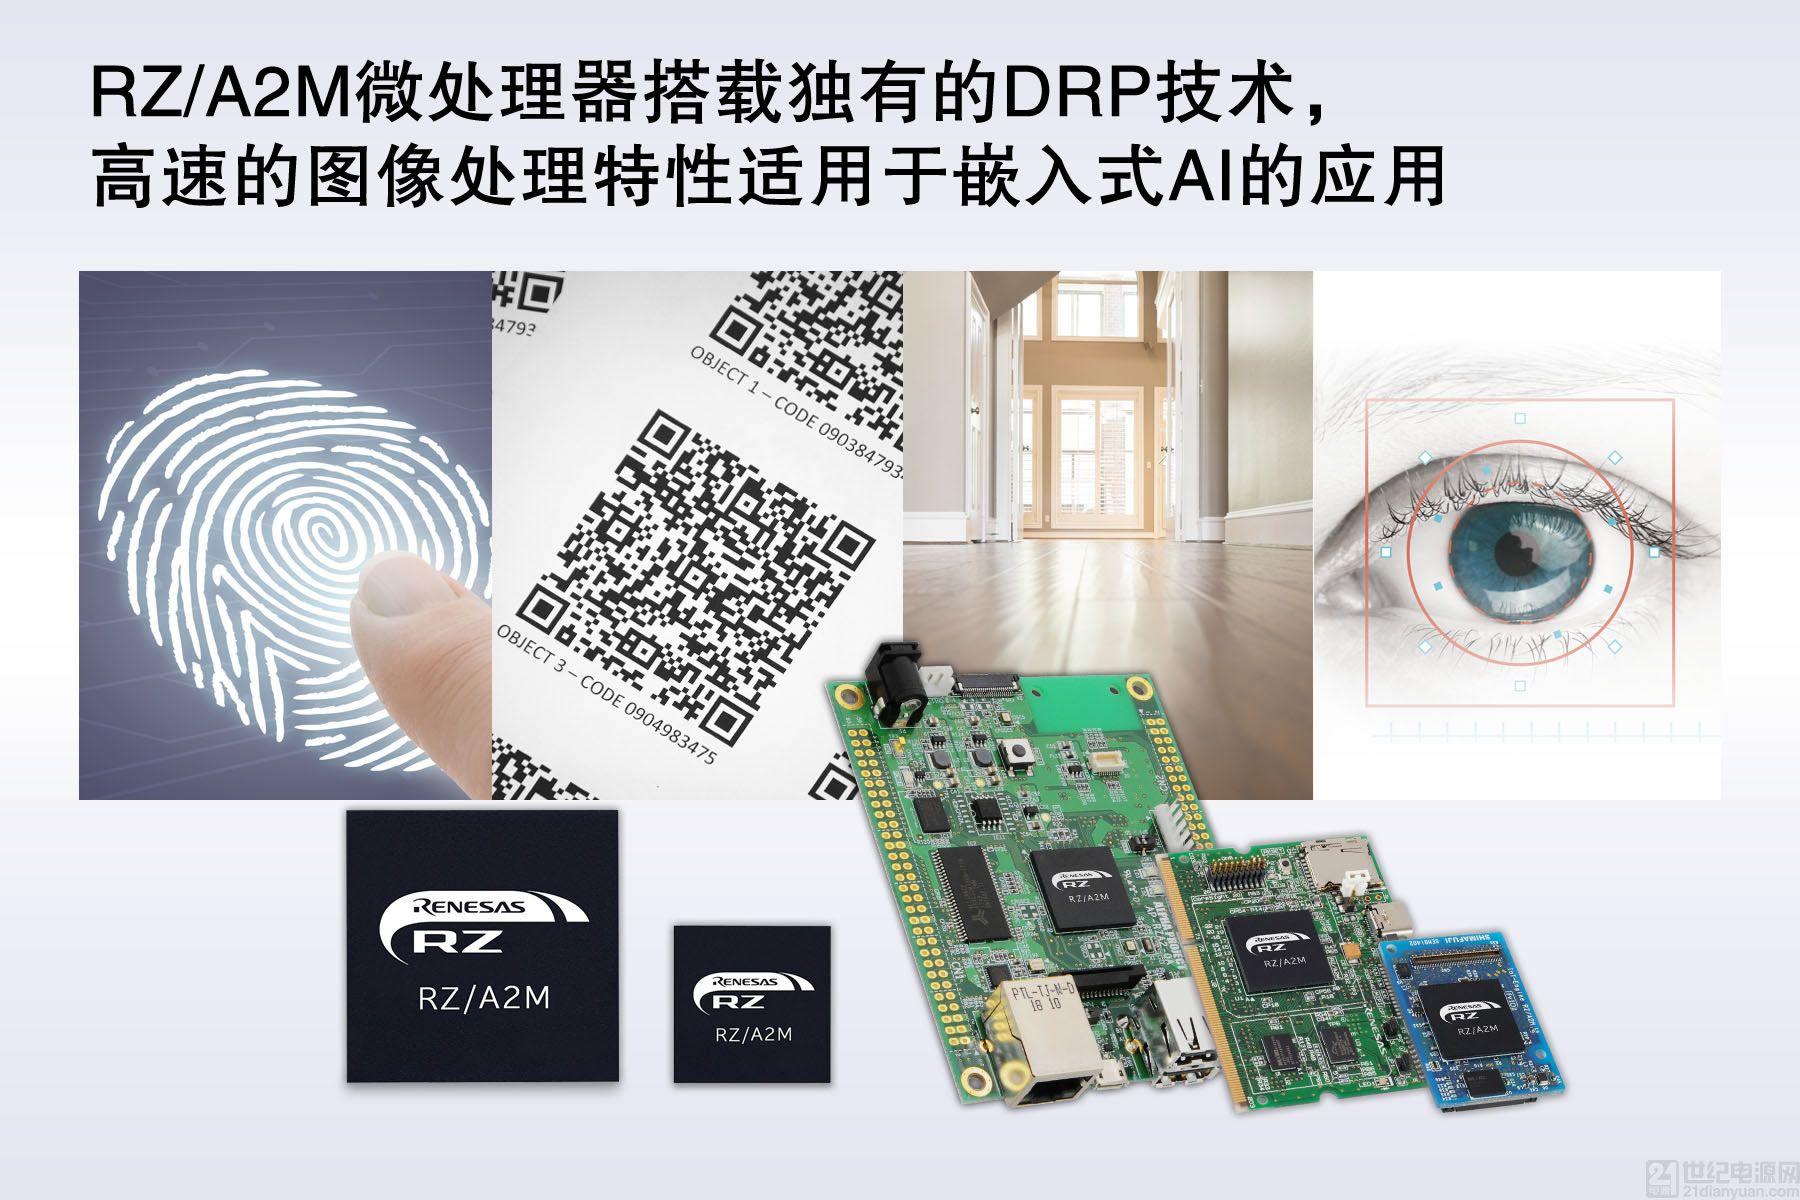 瑞萨电子针对智能家电、服务机器人及工业机械领域,推出可实现高速图像处理和嵌入式人工智能应用的 RZ/A2M 微处理器